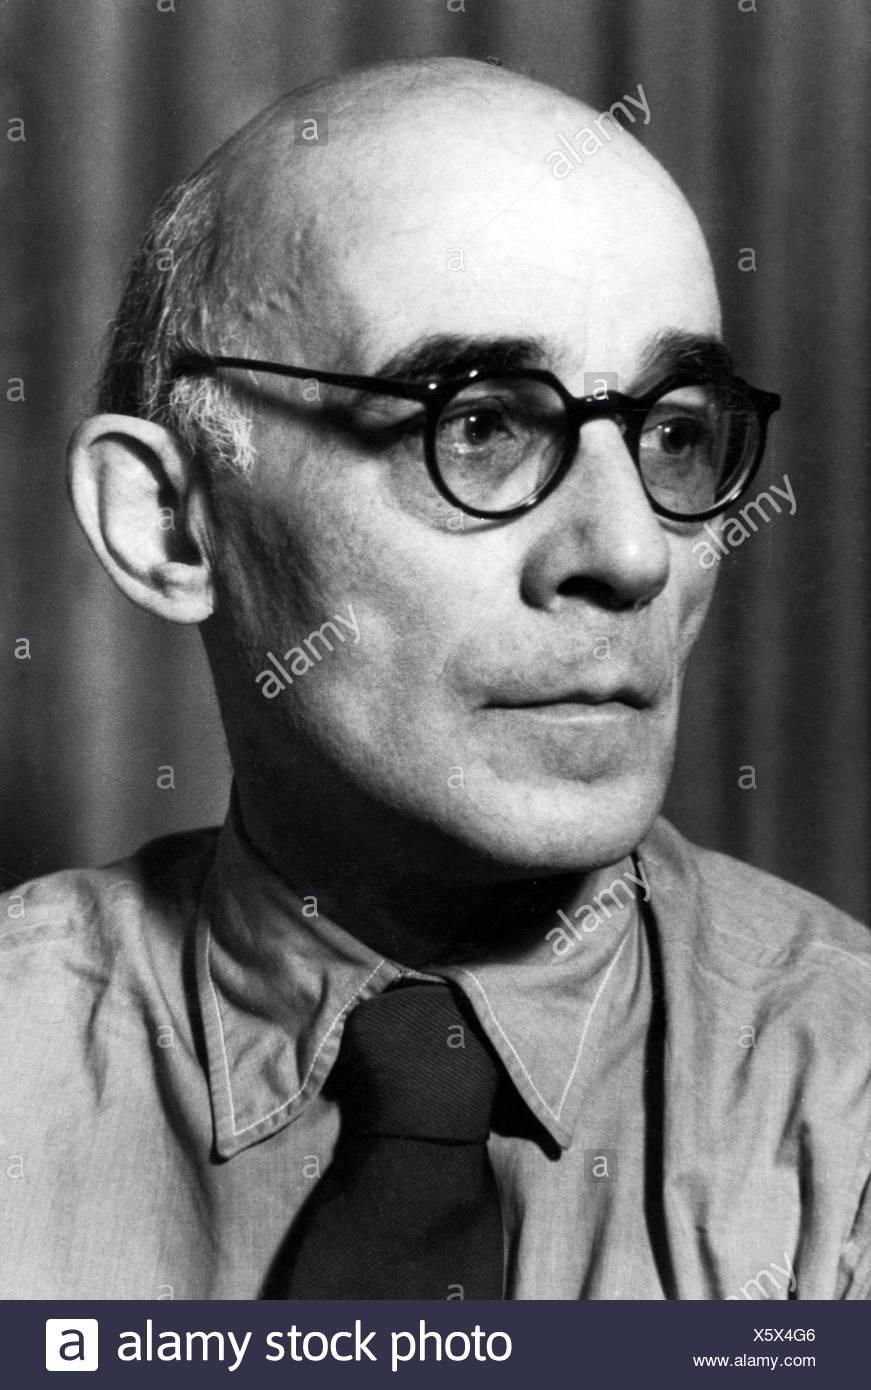 Engel, Erich, 14.2.1891 - 10.5.1966, deutscher Theater- und Filmregisseur, Porträt, 40er Jahre, Stockfoto